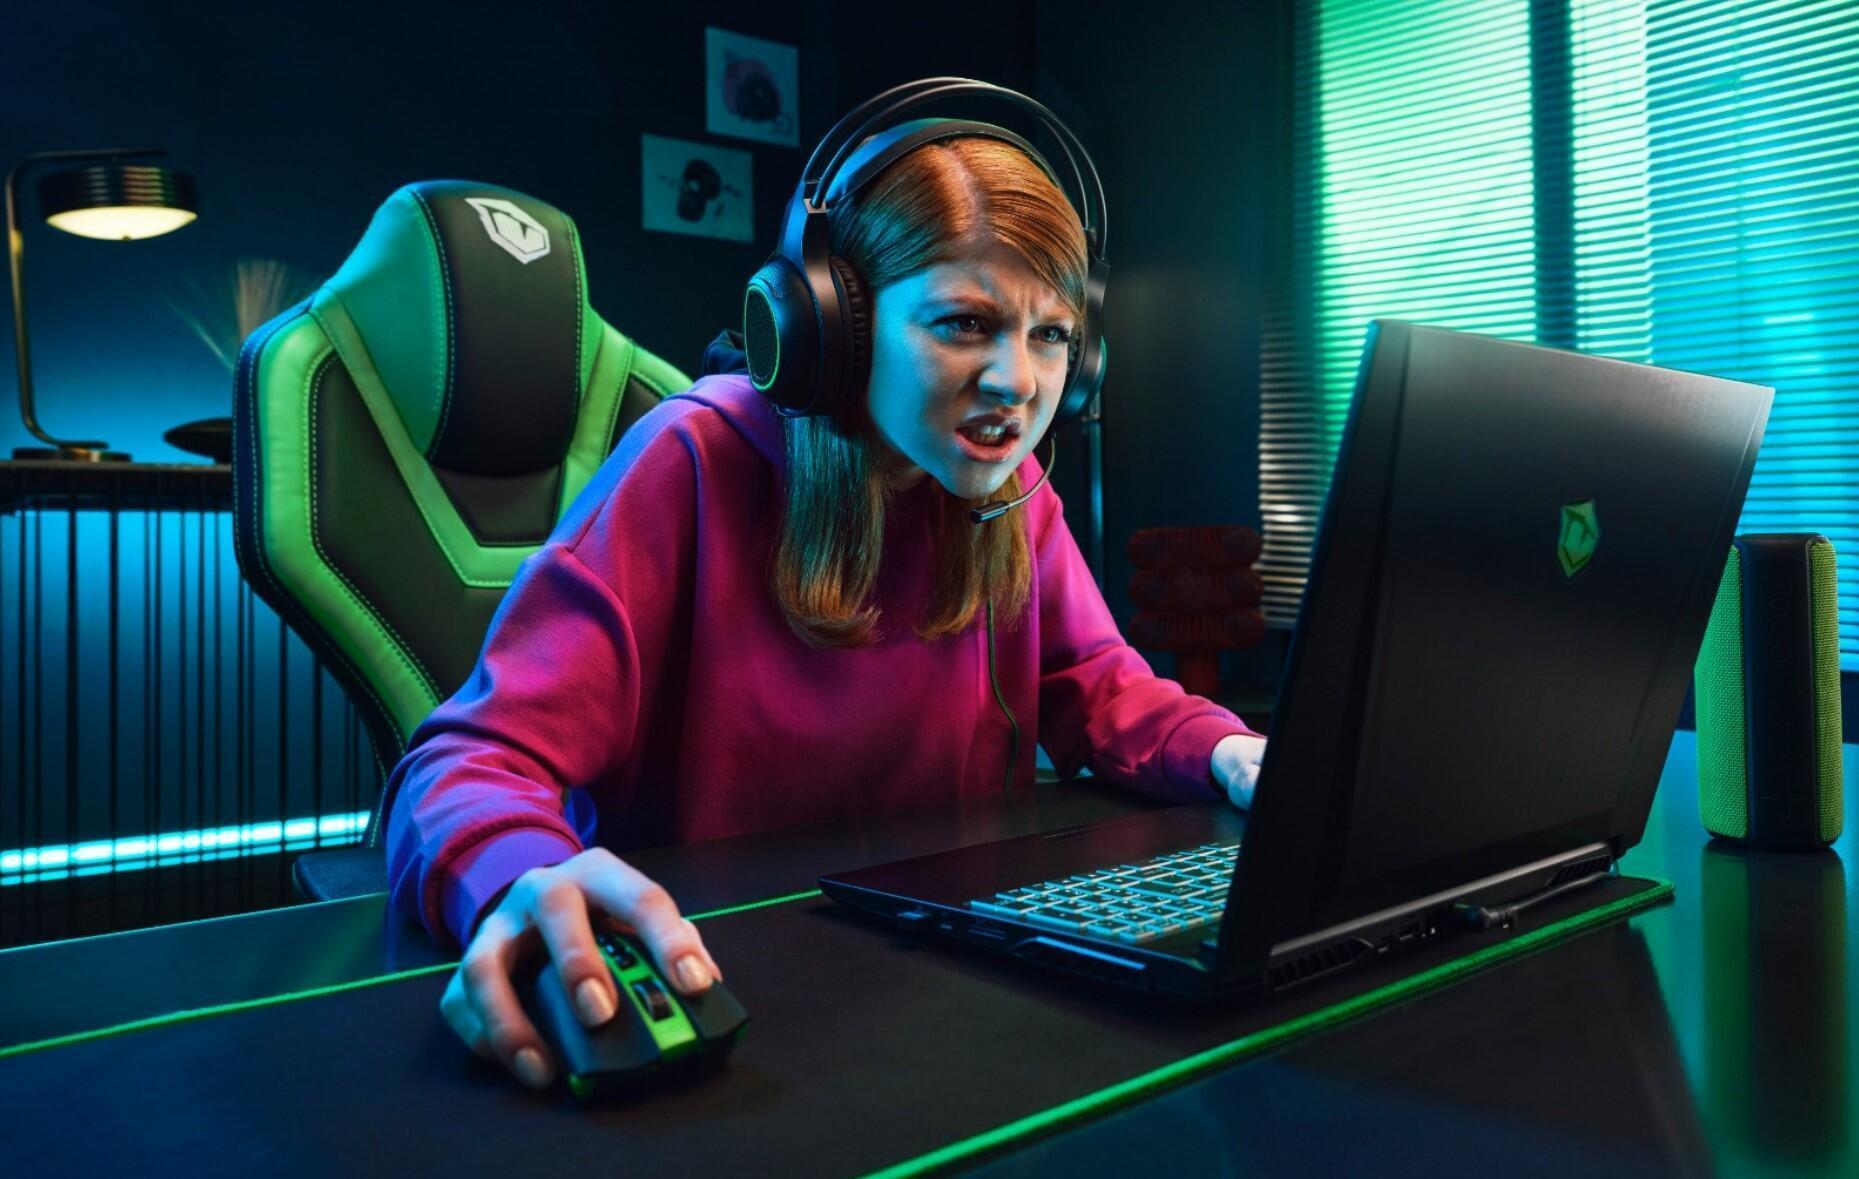 Monster Notebook teknoloji ve oyun dünyasının geleceğine yön veriyor